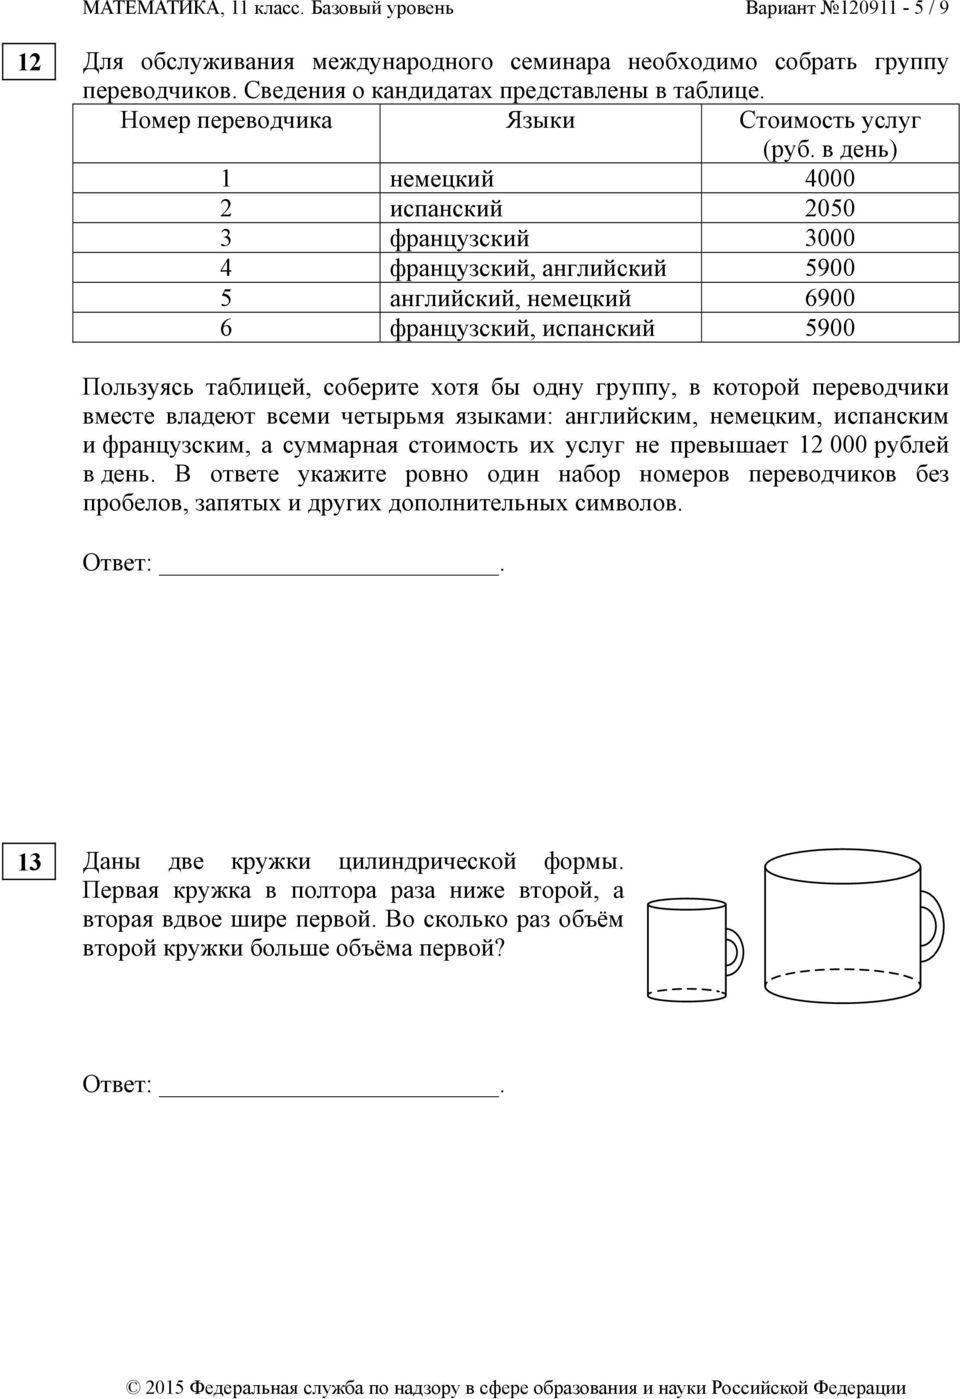 Контрольный диктант 4 класс 2 четверть бунеев